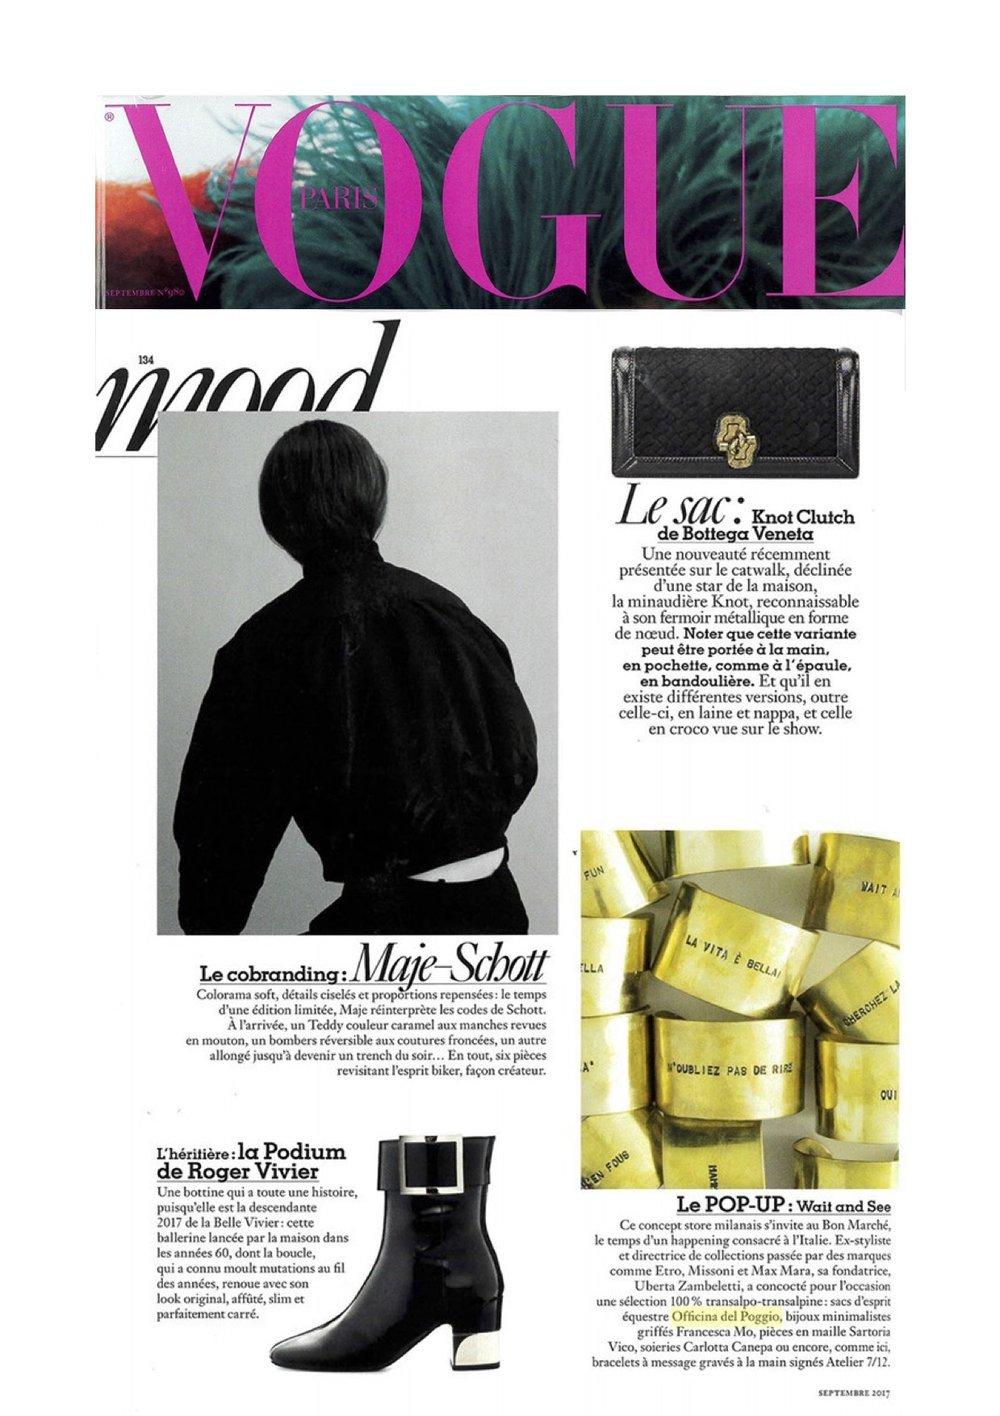 Vogue_Paris_ODP_Officina-del-Poggio.jpg